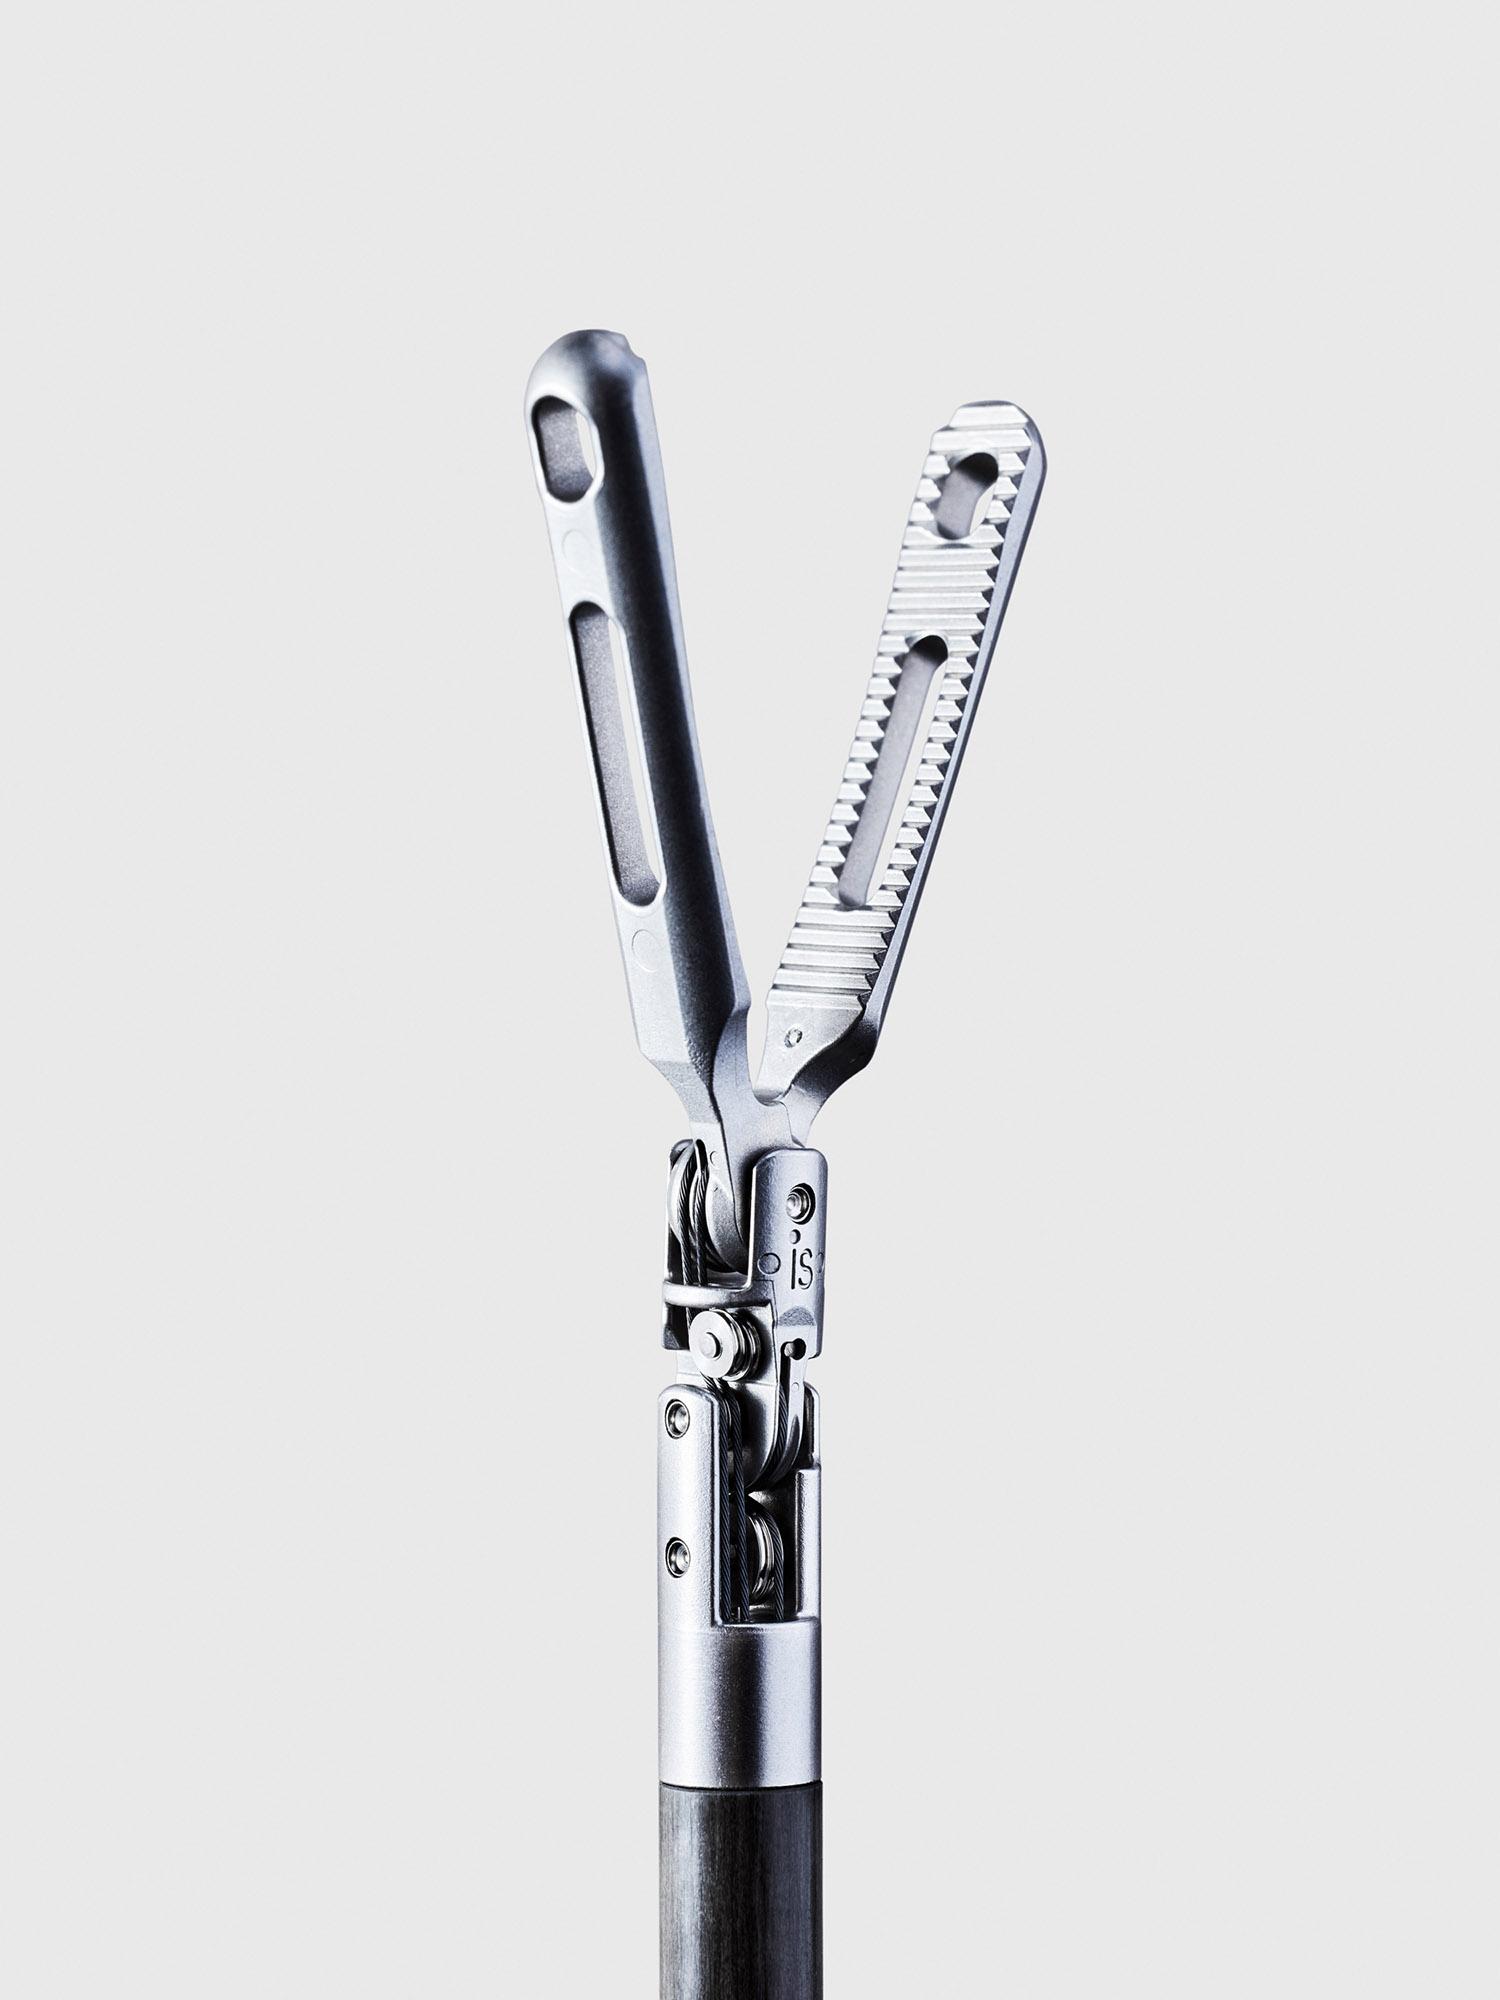 Intuitive Surgical da Vinci Instrument, Sunnyvale, CA, 2017